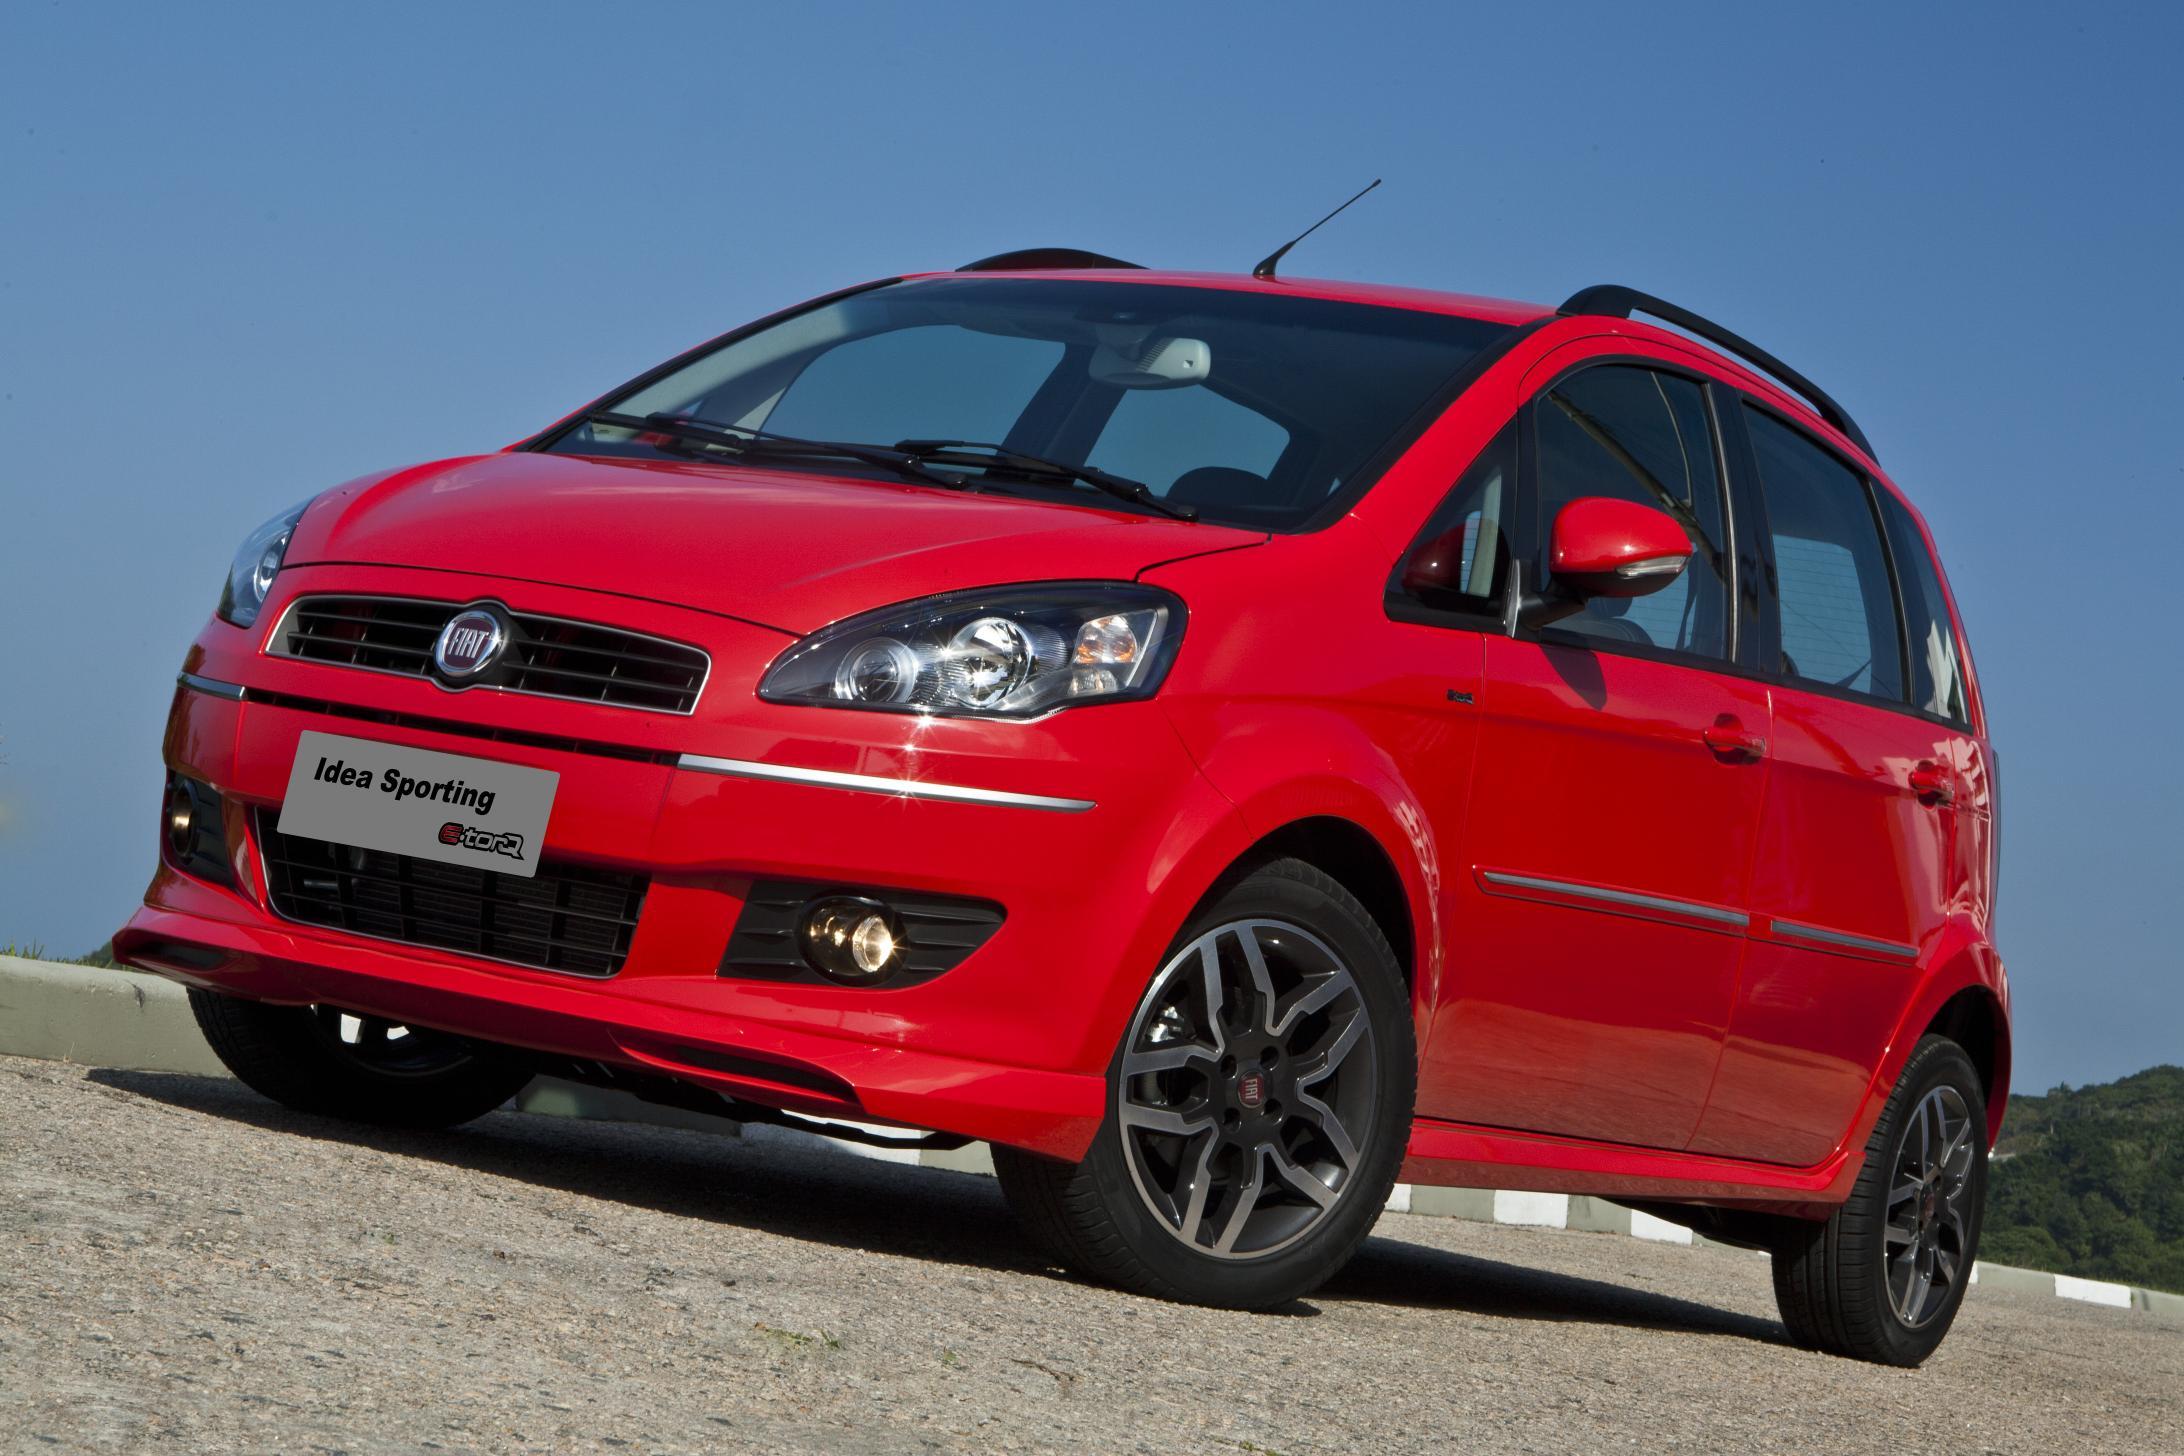 Fiat Apresenta Idea 2011 Com Visual Repaginado Novos